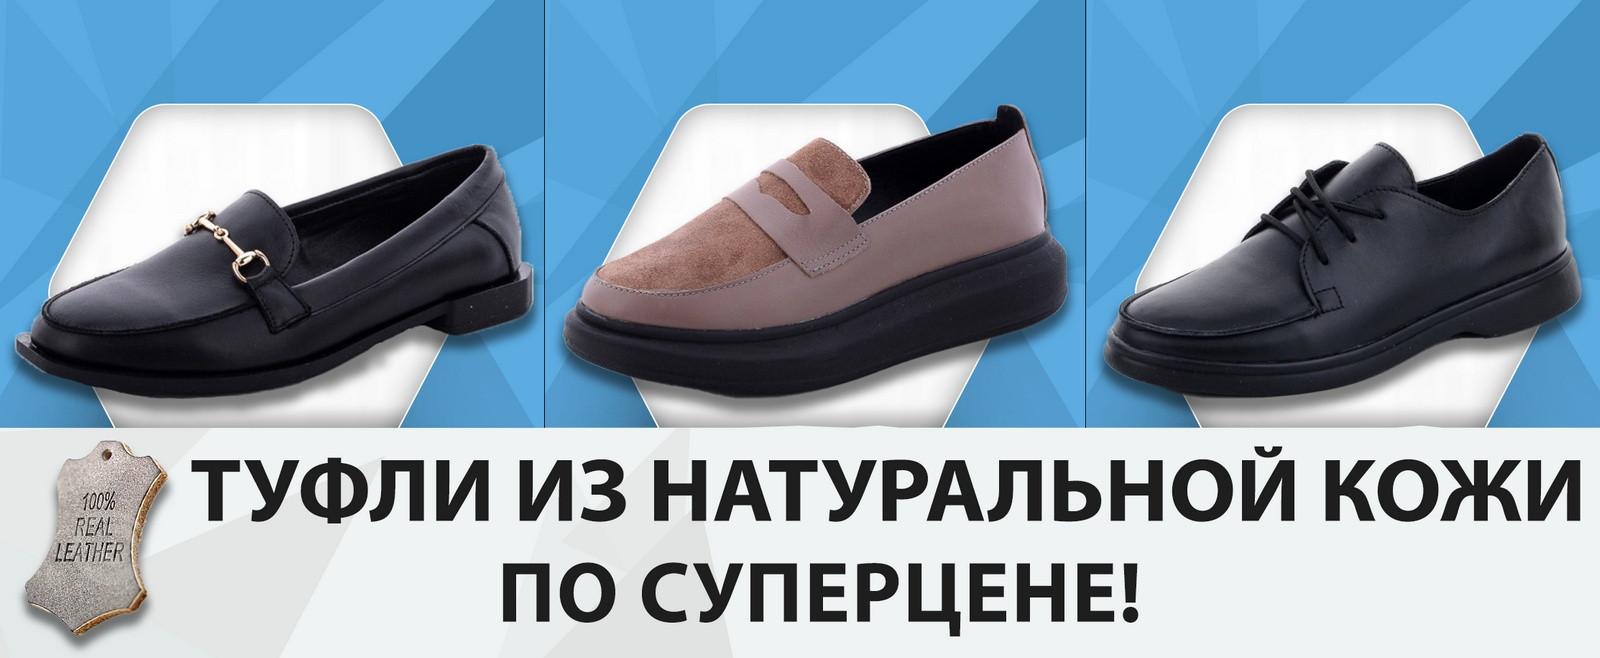 Купить женские туфли из кожи - оптовые цены